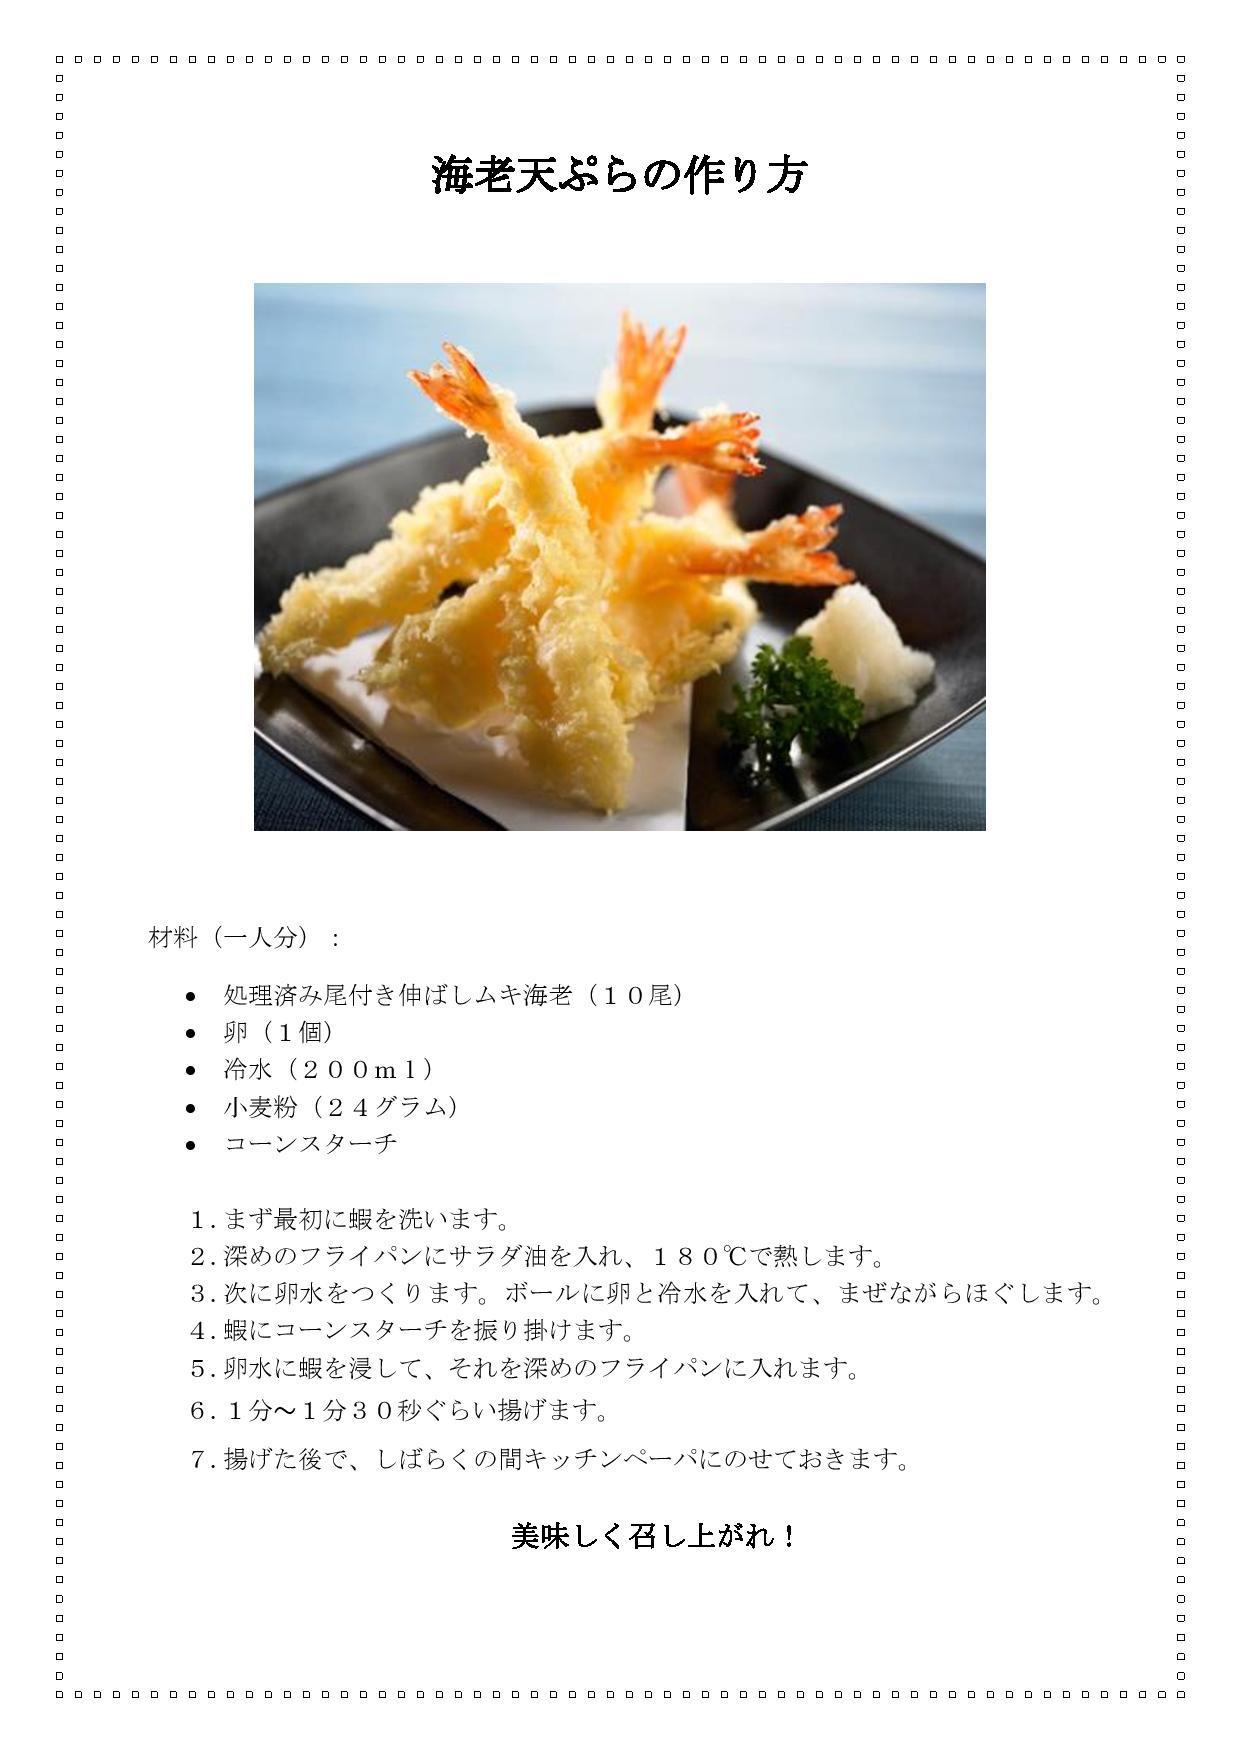 海老天ぷらの作り方-page-001